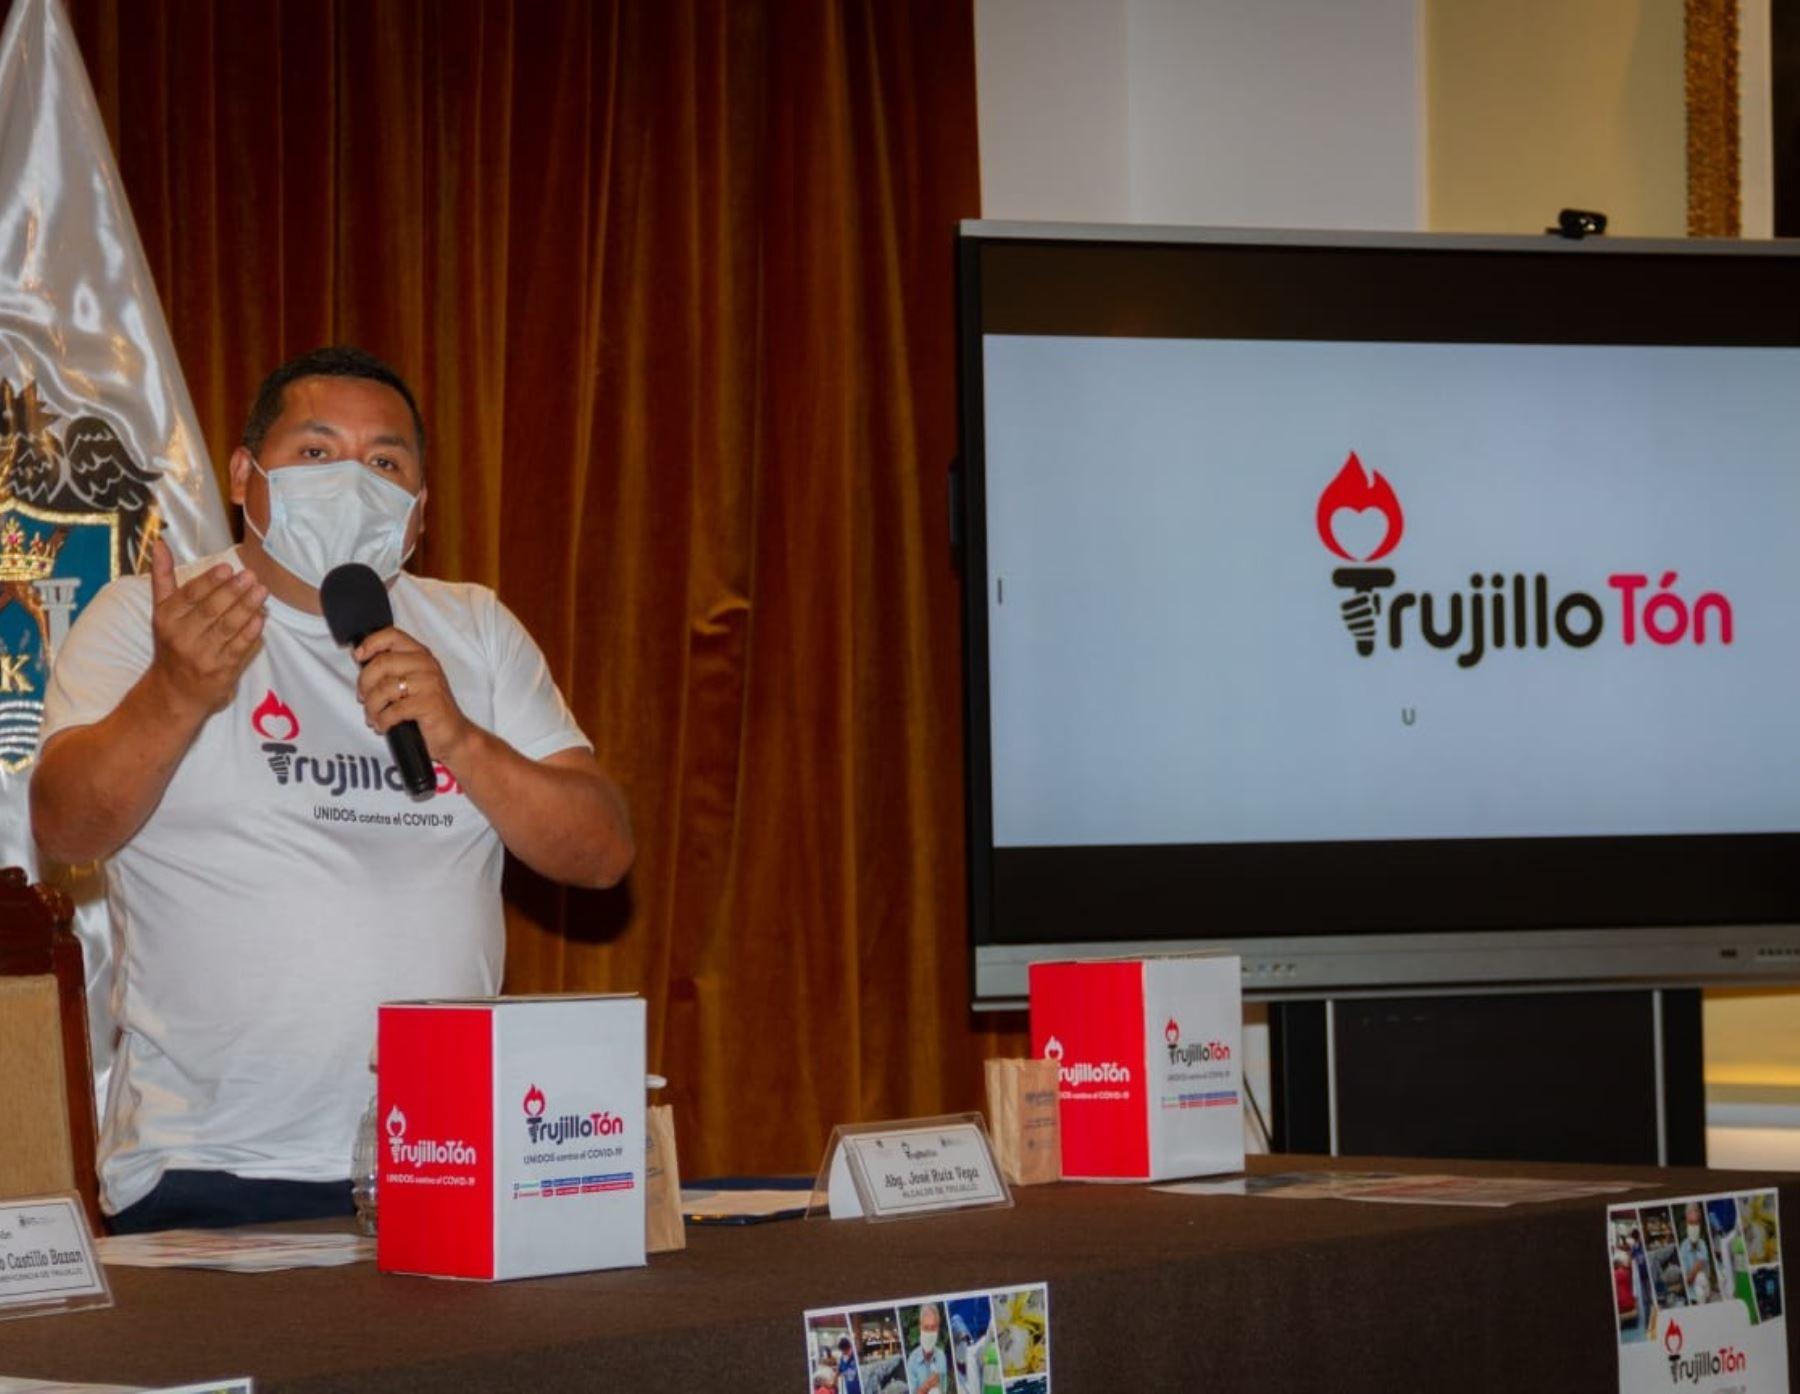 La Municipalidad y la Sociedad de Beneficencia de Trujillo lanzaron una cruzada para ayudar a las familias vulnerables afectadas por la crisis originada por la pandemia de covid-19. ANDINA/Difusión